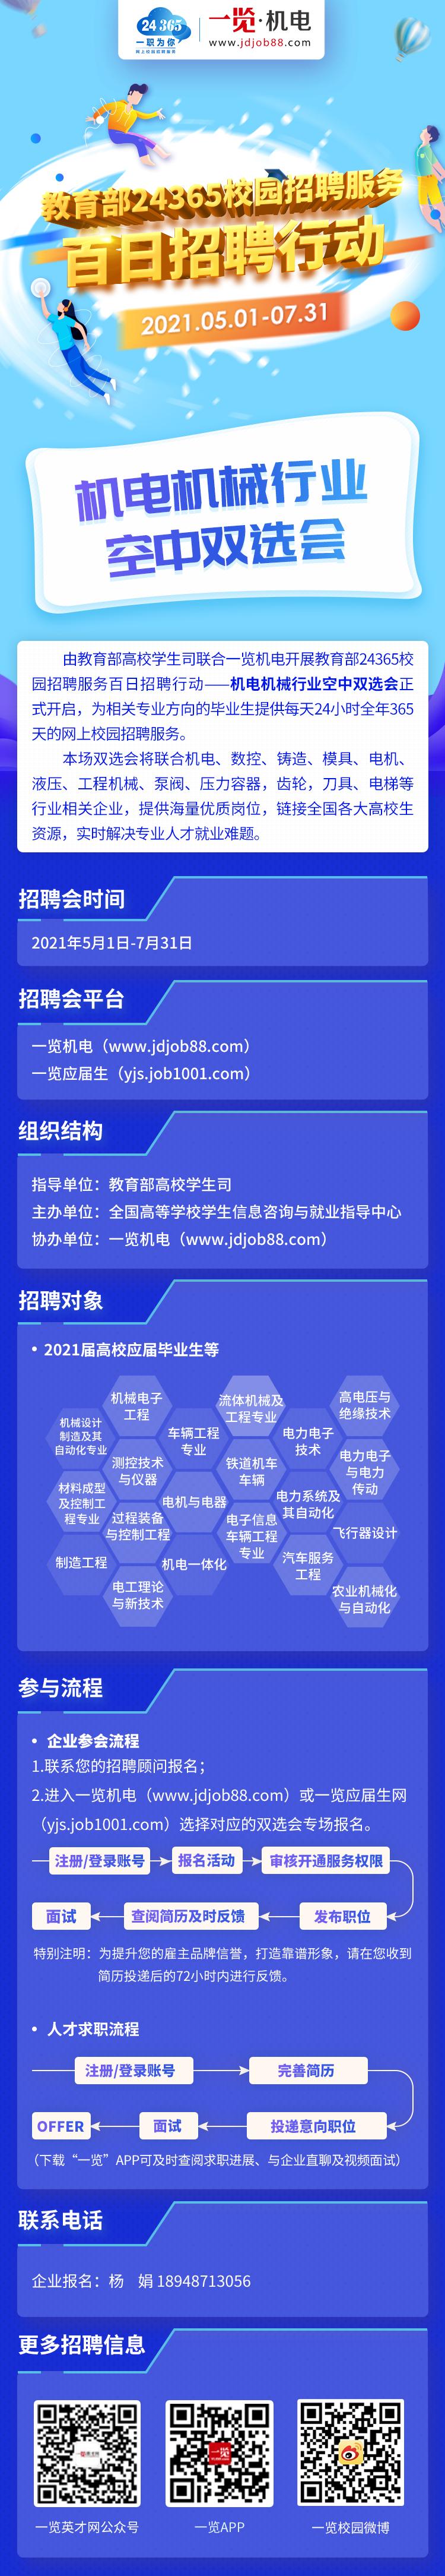 1620300180-HK8F2D4.jpg